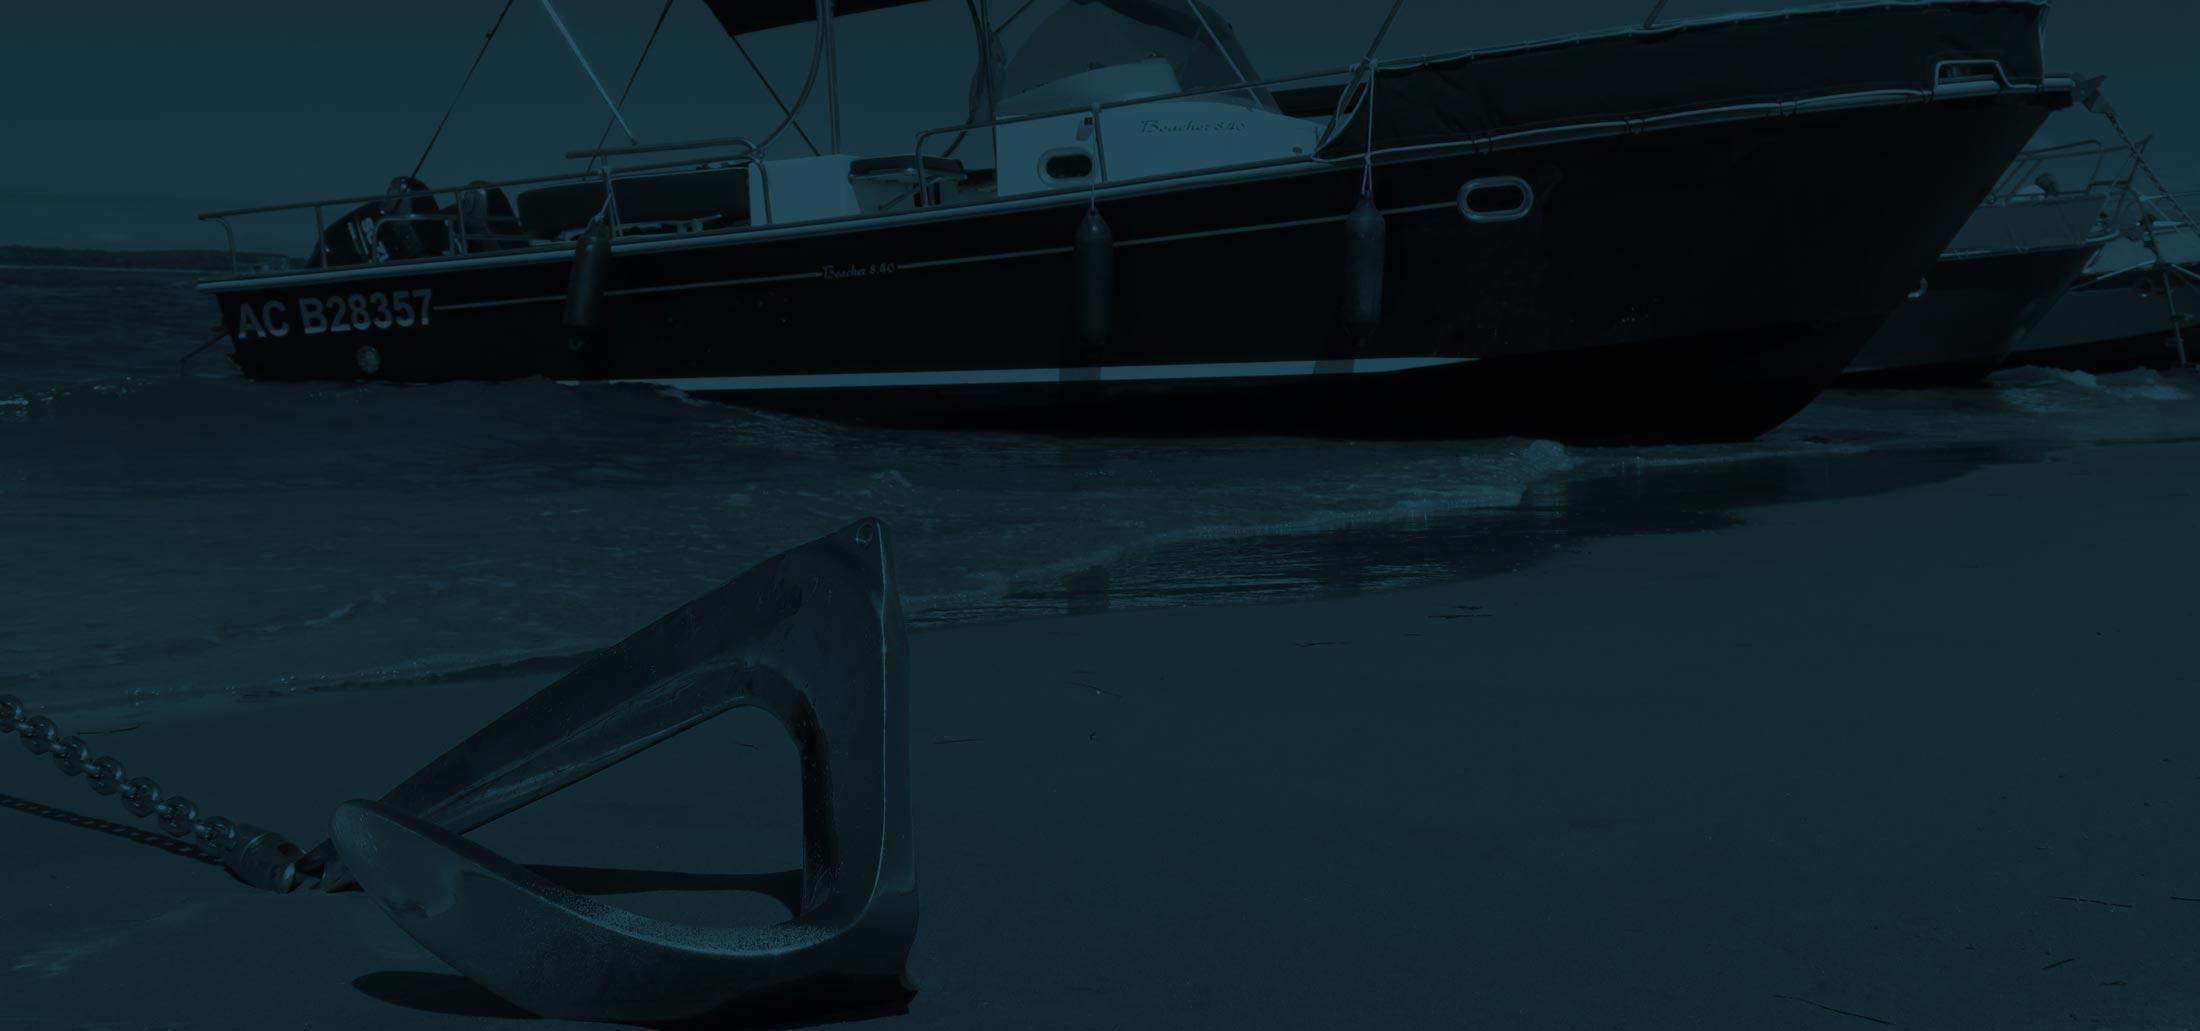 beacher-bateau-marque